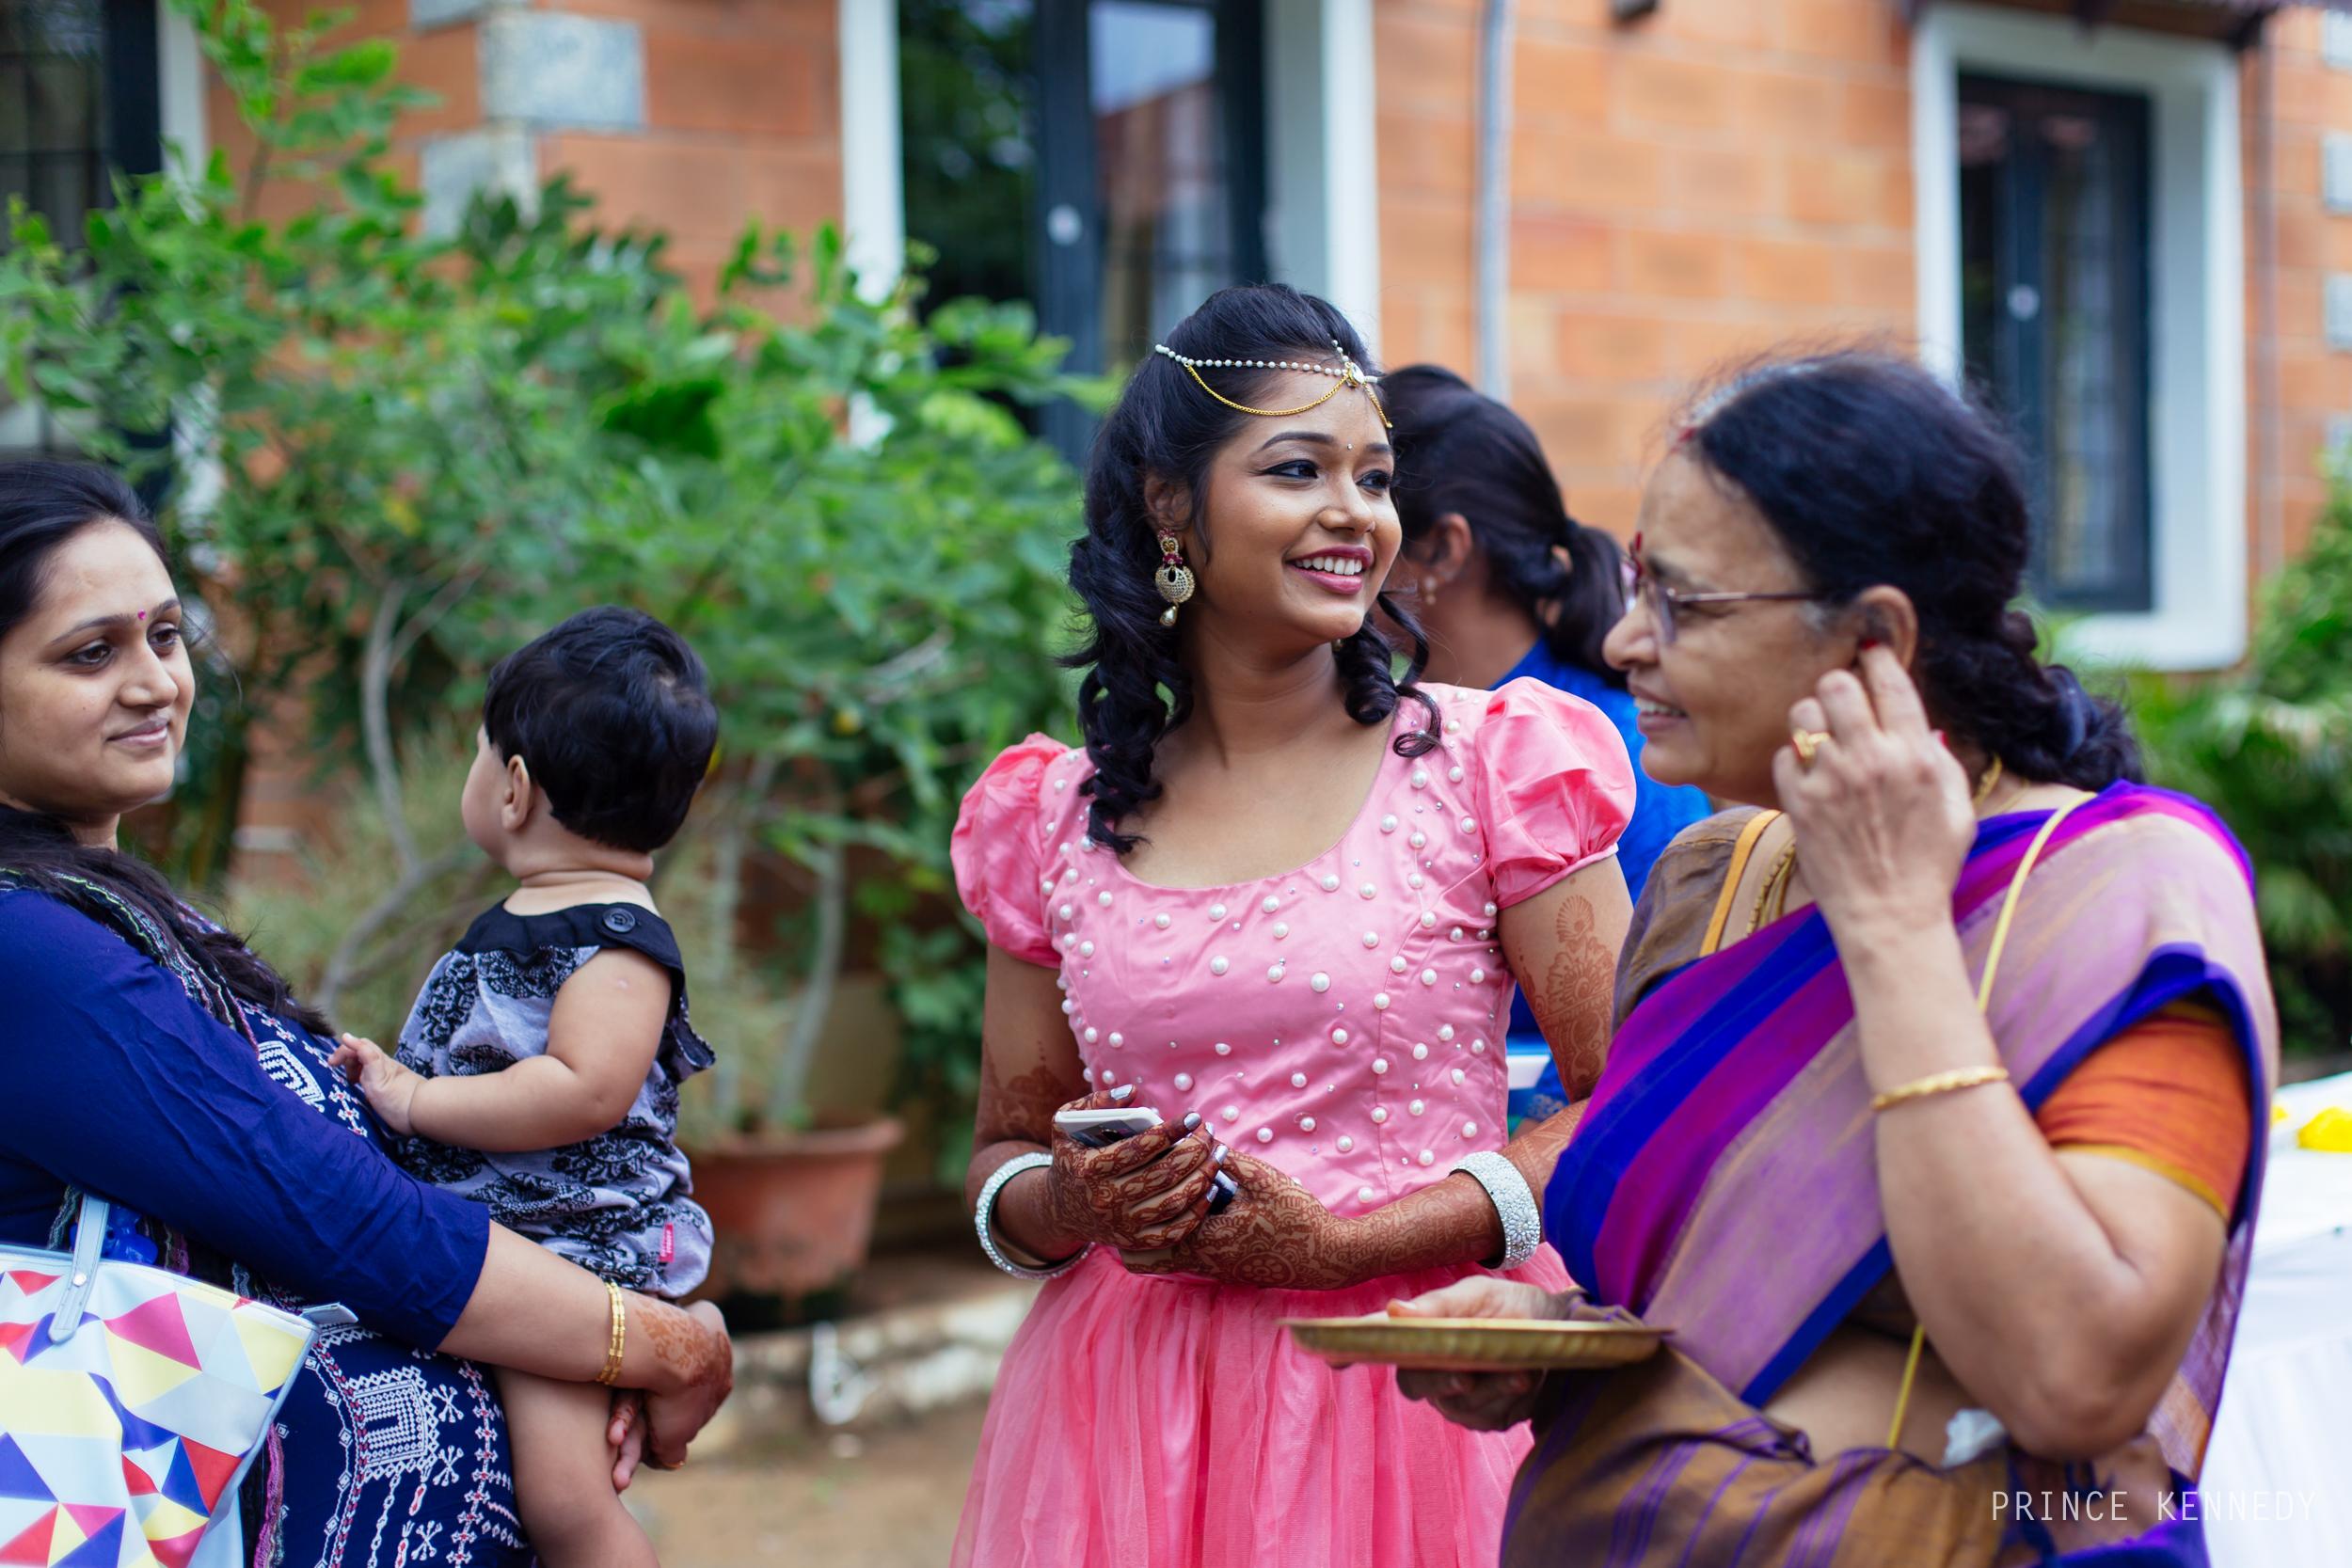 Engagement-Couple-Portrait-Portraiture-Wedding-Couple-Portrait-Chennai-Photographer-Candid-Photography-Destination-Best-Prince-Kennedy-Photography-30.jpg